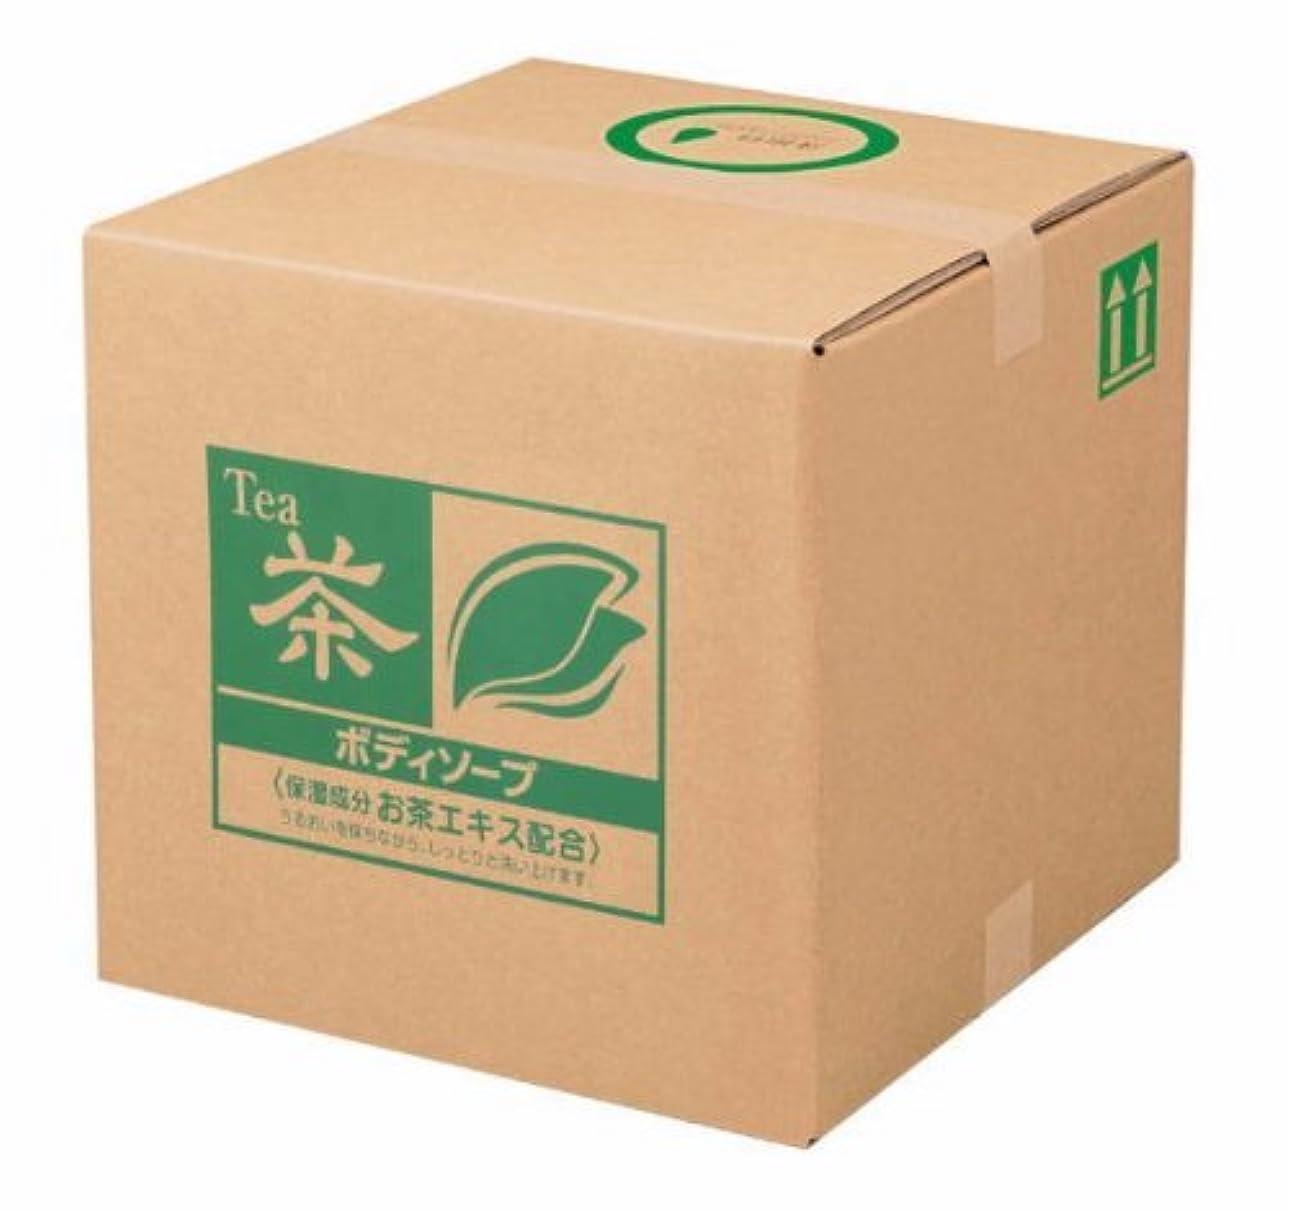 コインパイプ記録熊野油脂 業務用 SCRITT(スクリット) お茶ボディソープ 18L